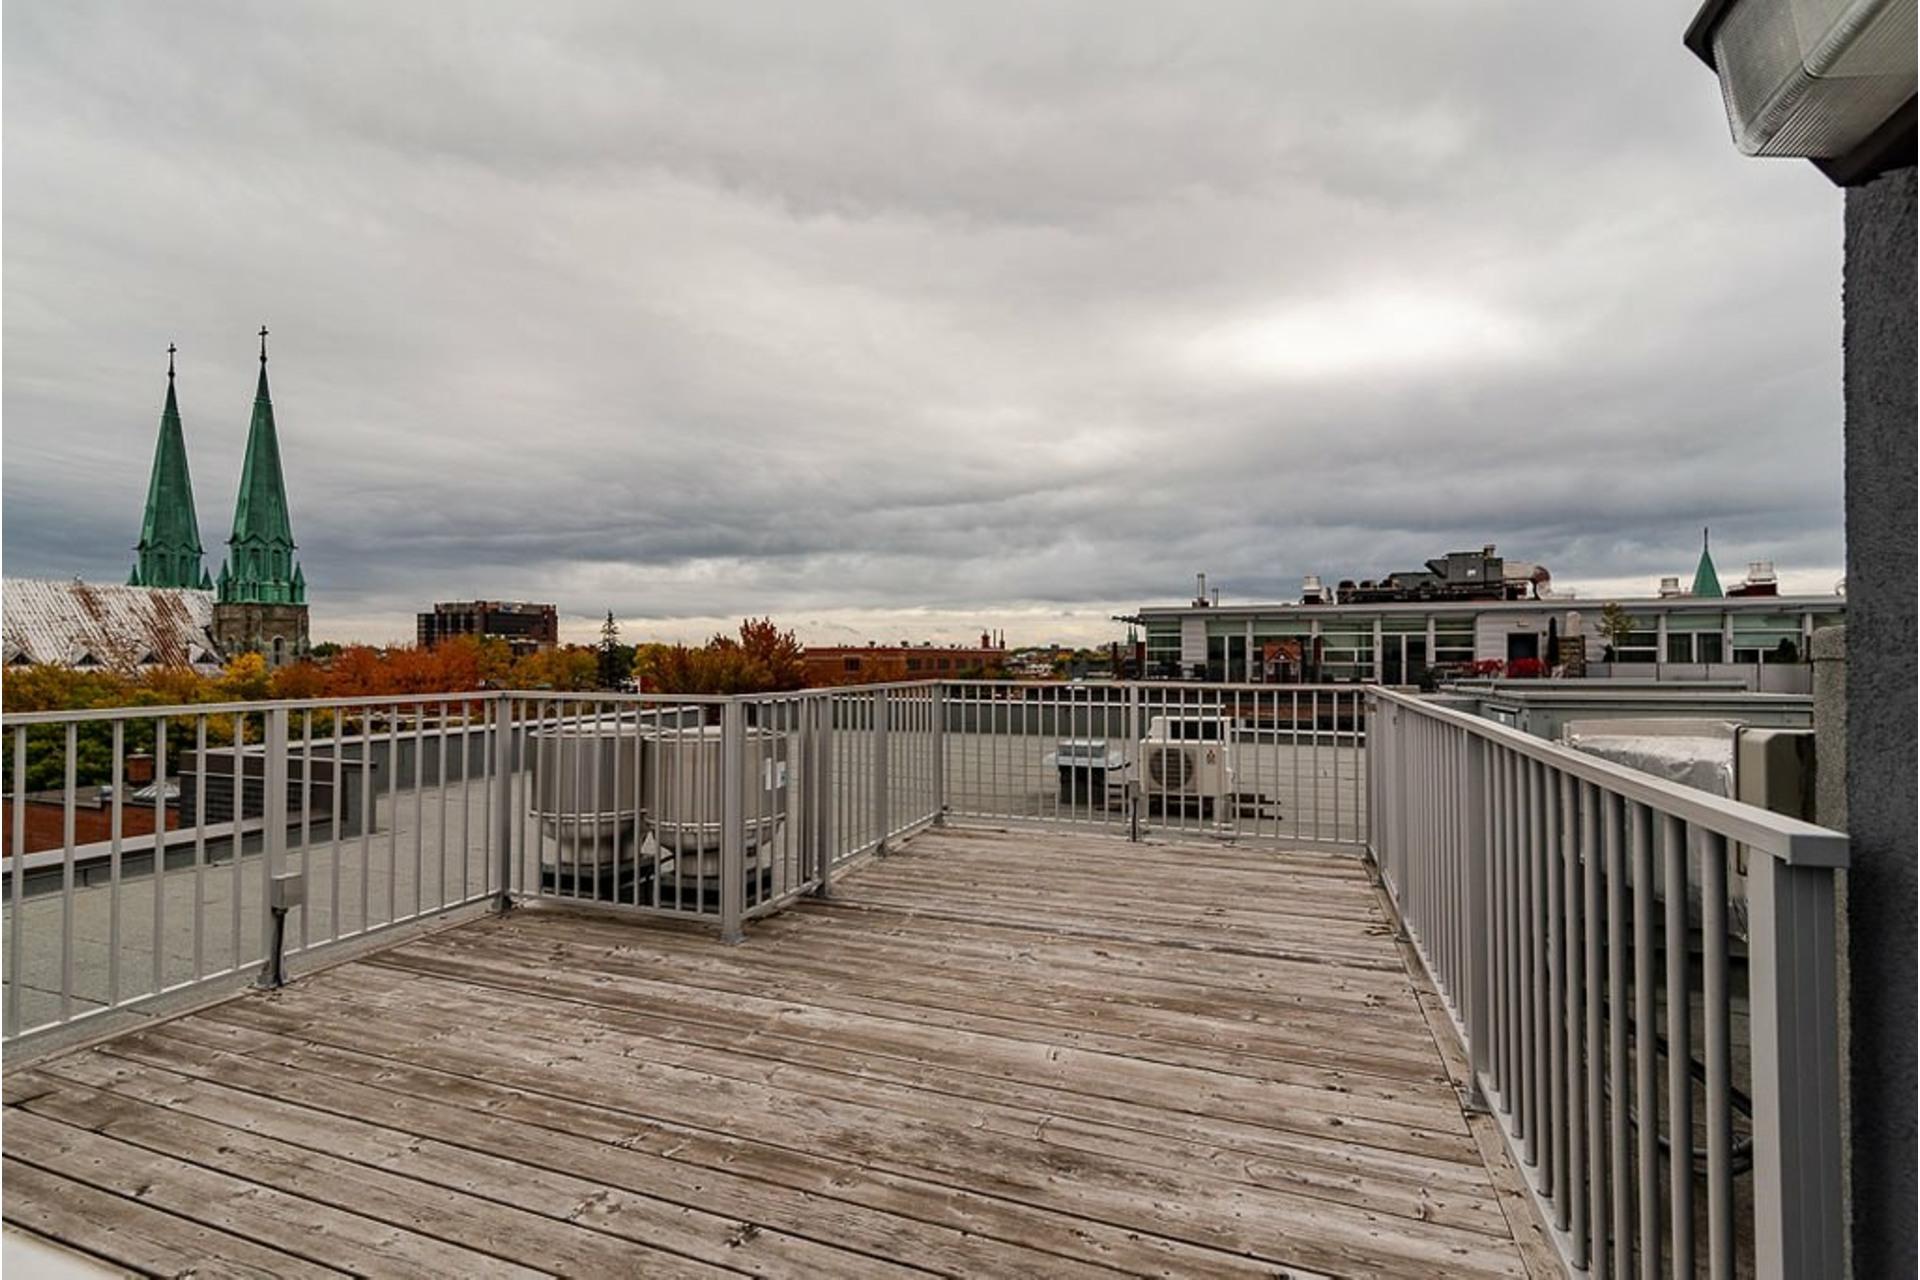 image 30 - Appartement À vendre Villeray/Saint-Michel/Parc-Extension Montréal  - 6 pièces